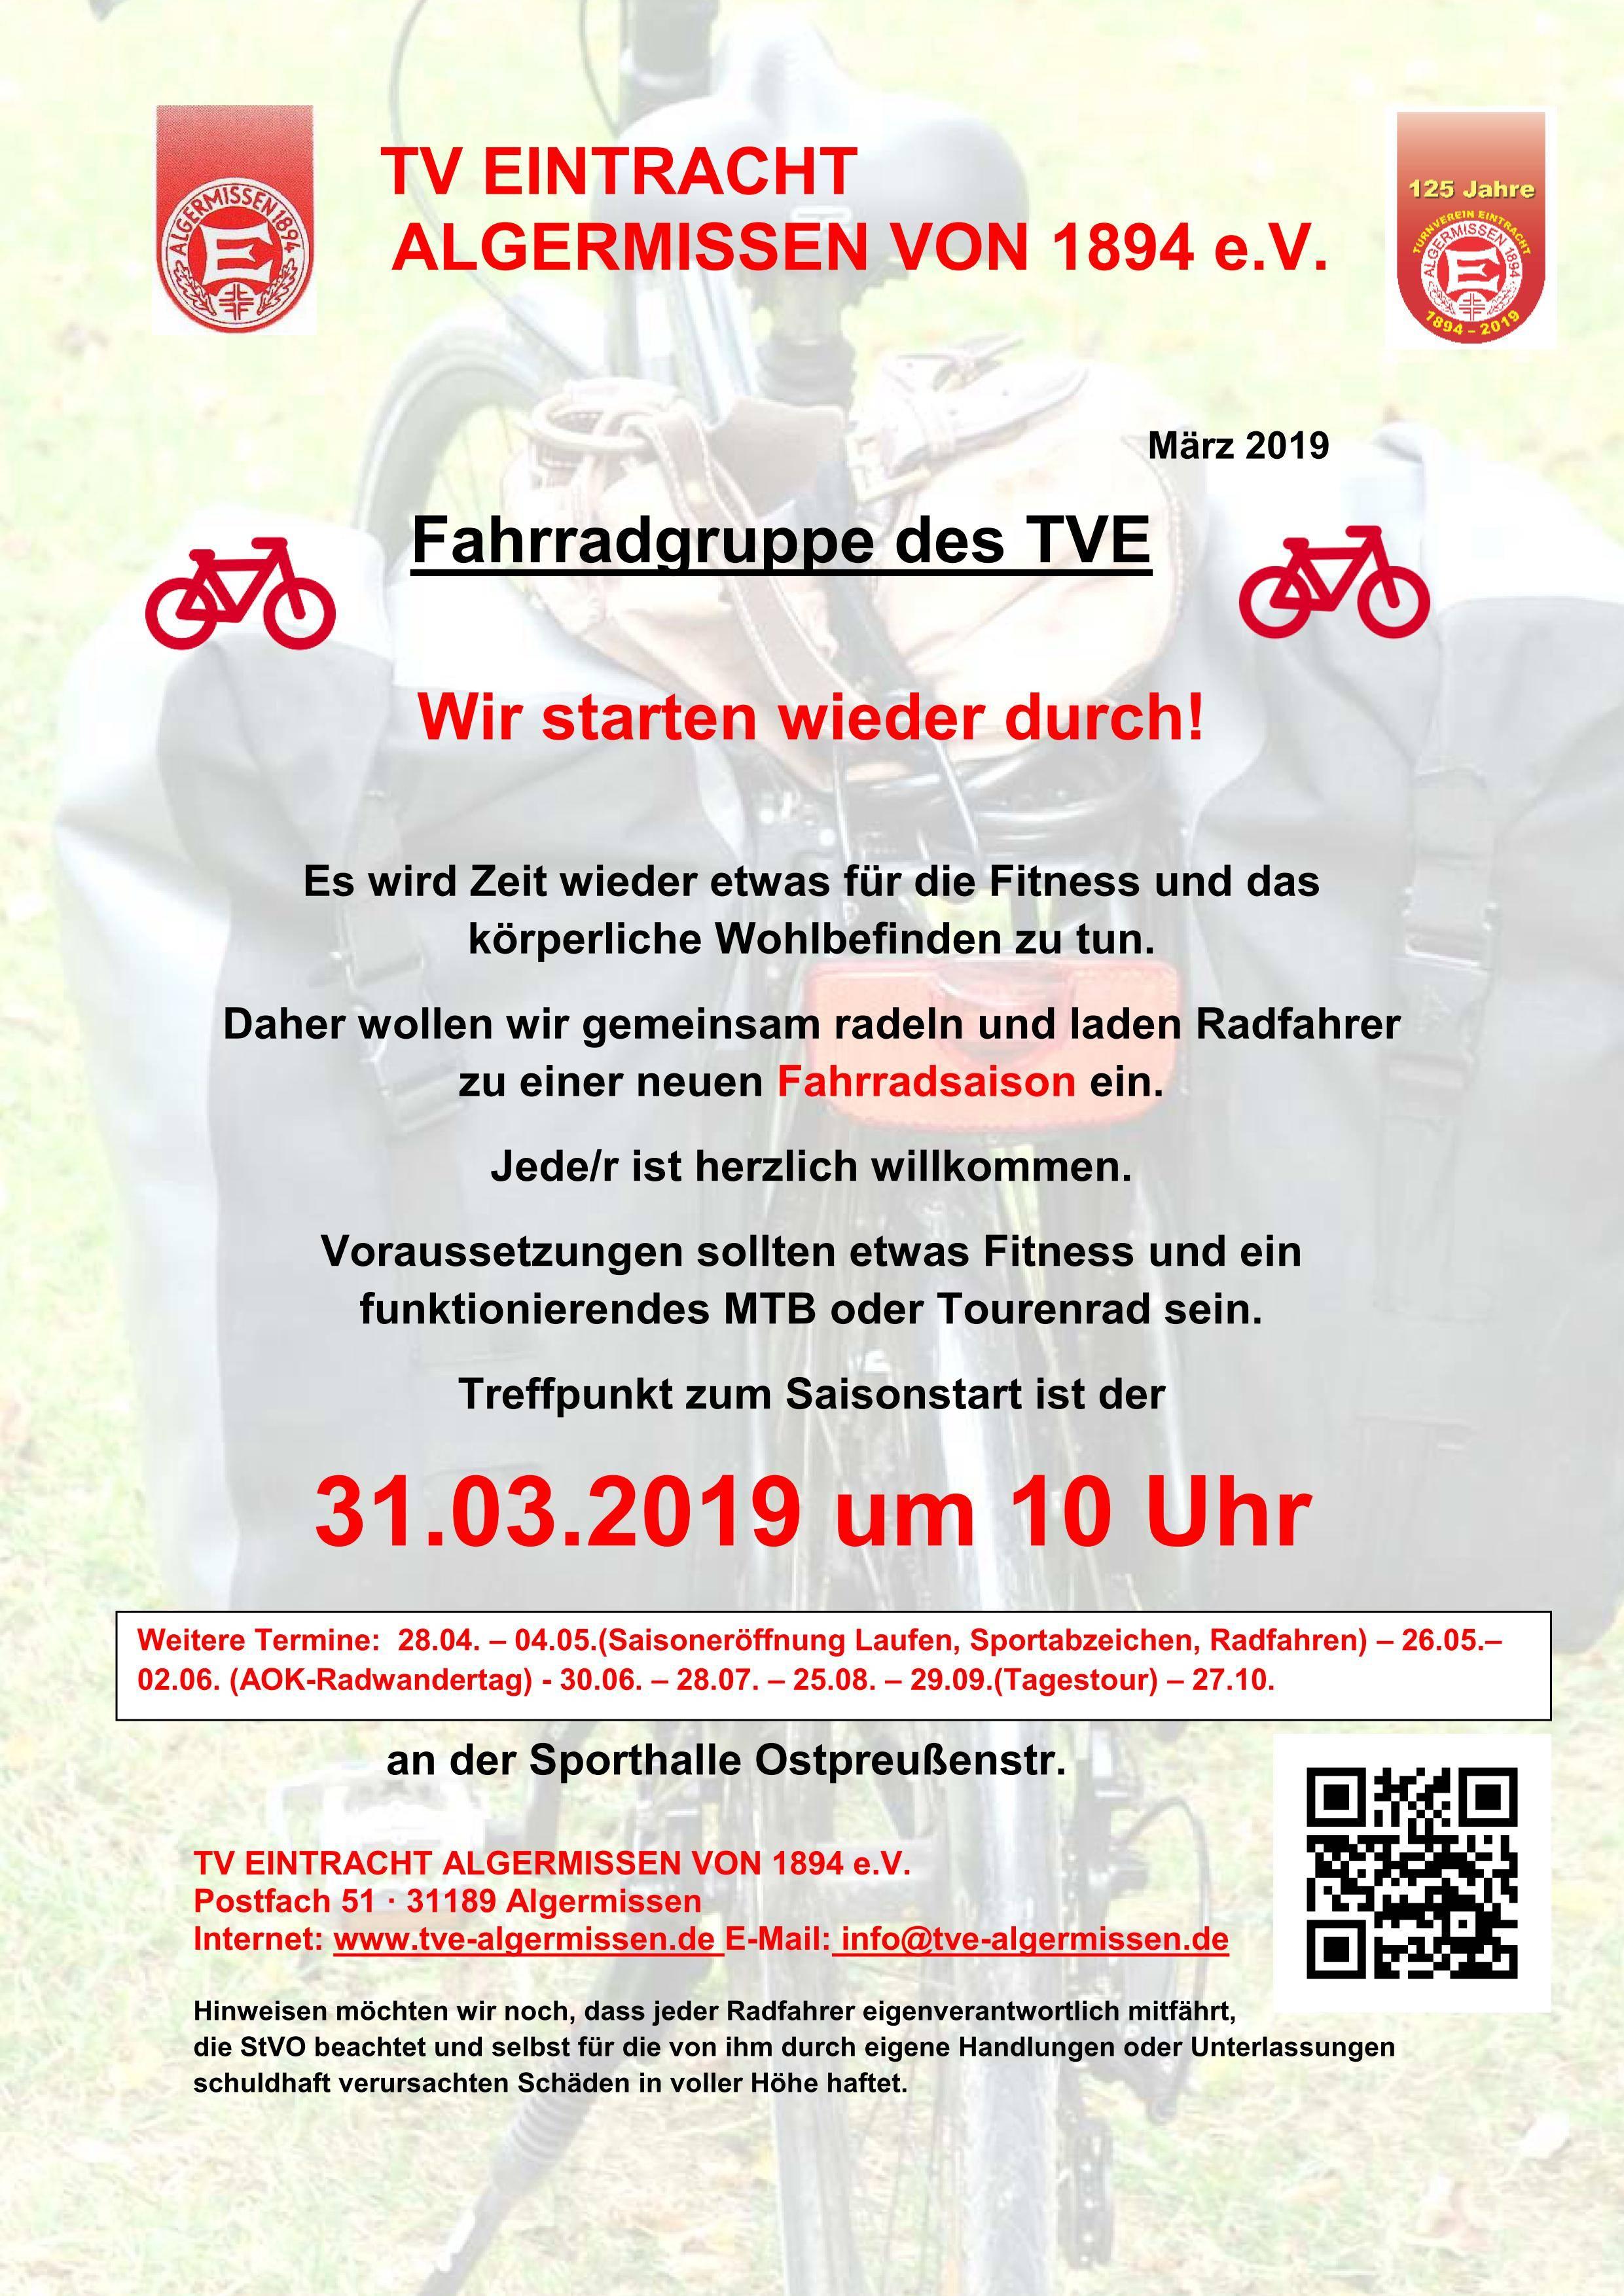 fahrradgruppe-tve-2019